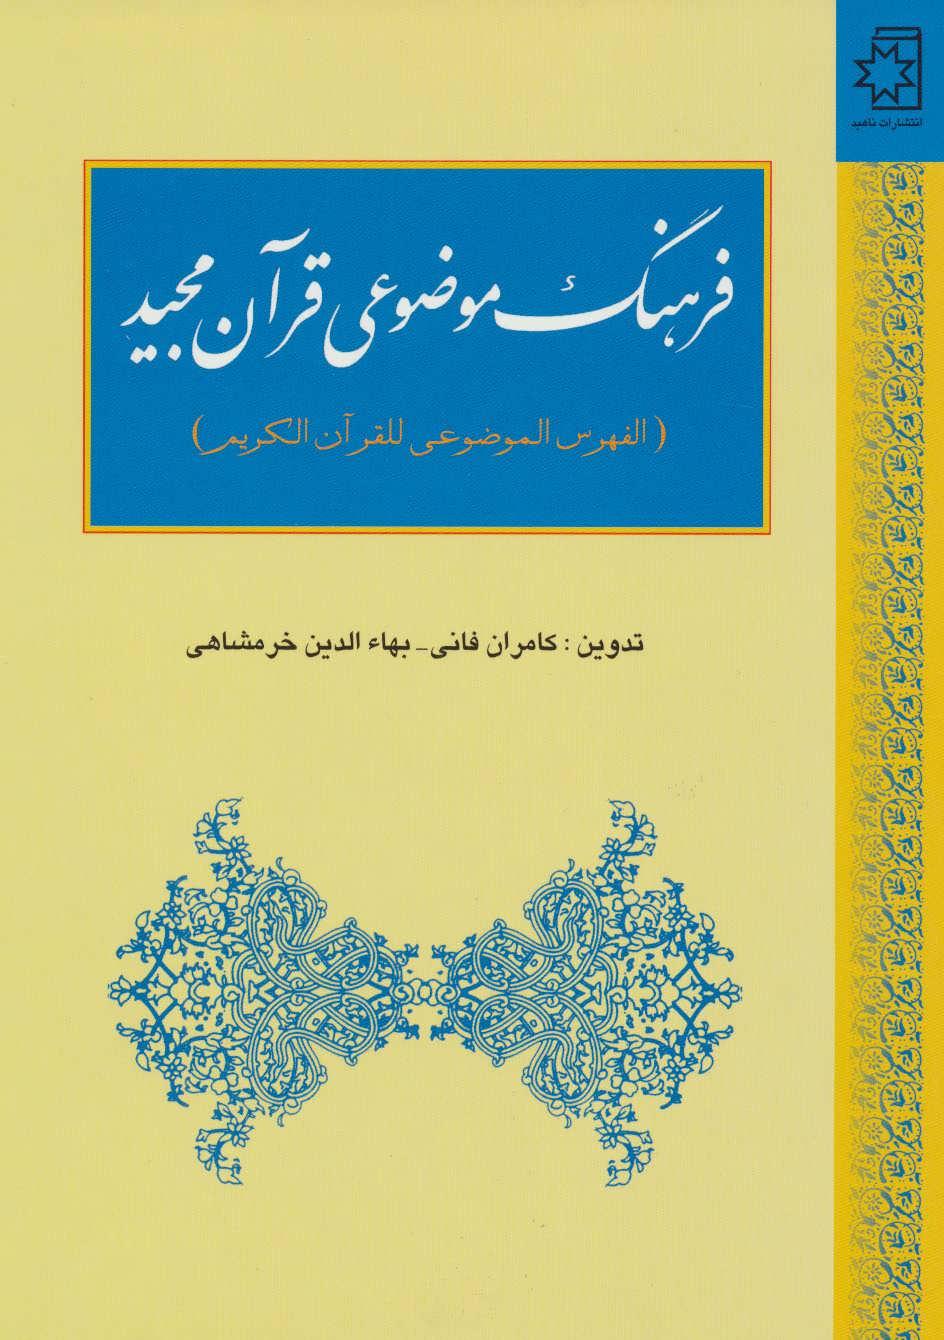 کتاب فرهنگ موضوعی قرآن